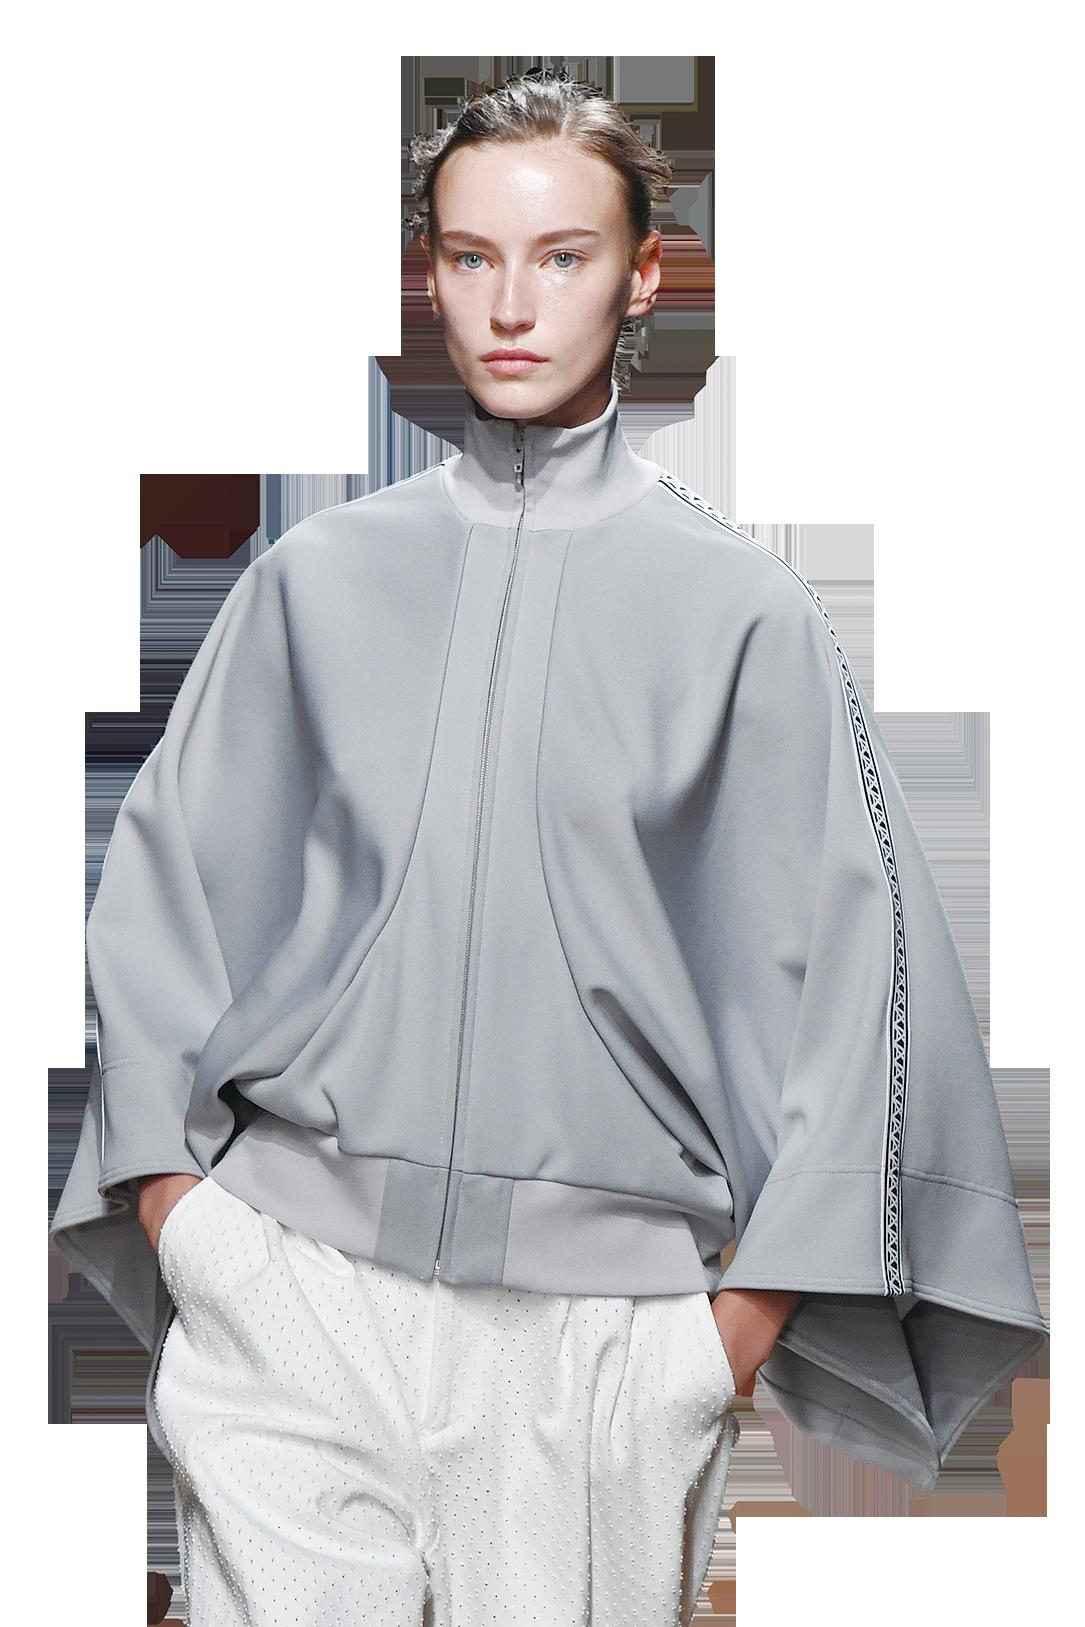 灰色加白色是傳統搭配,比起黑色,灰色跟白色相融更為明亮、輕盈,可以讓人看起來充滿生機與活力,(Getty images)